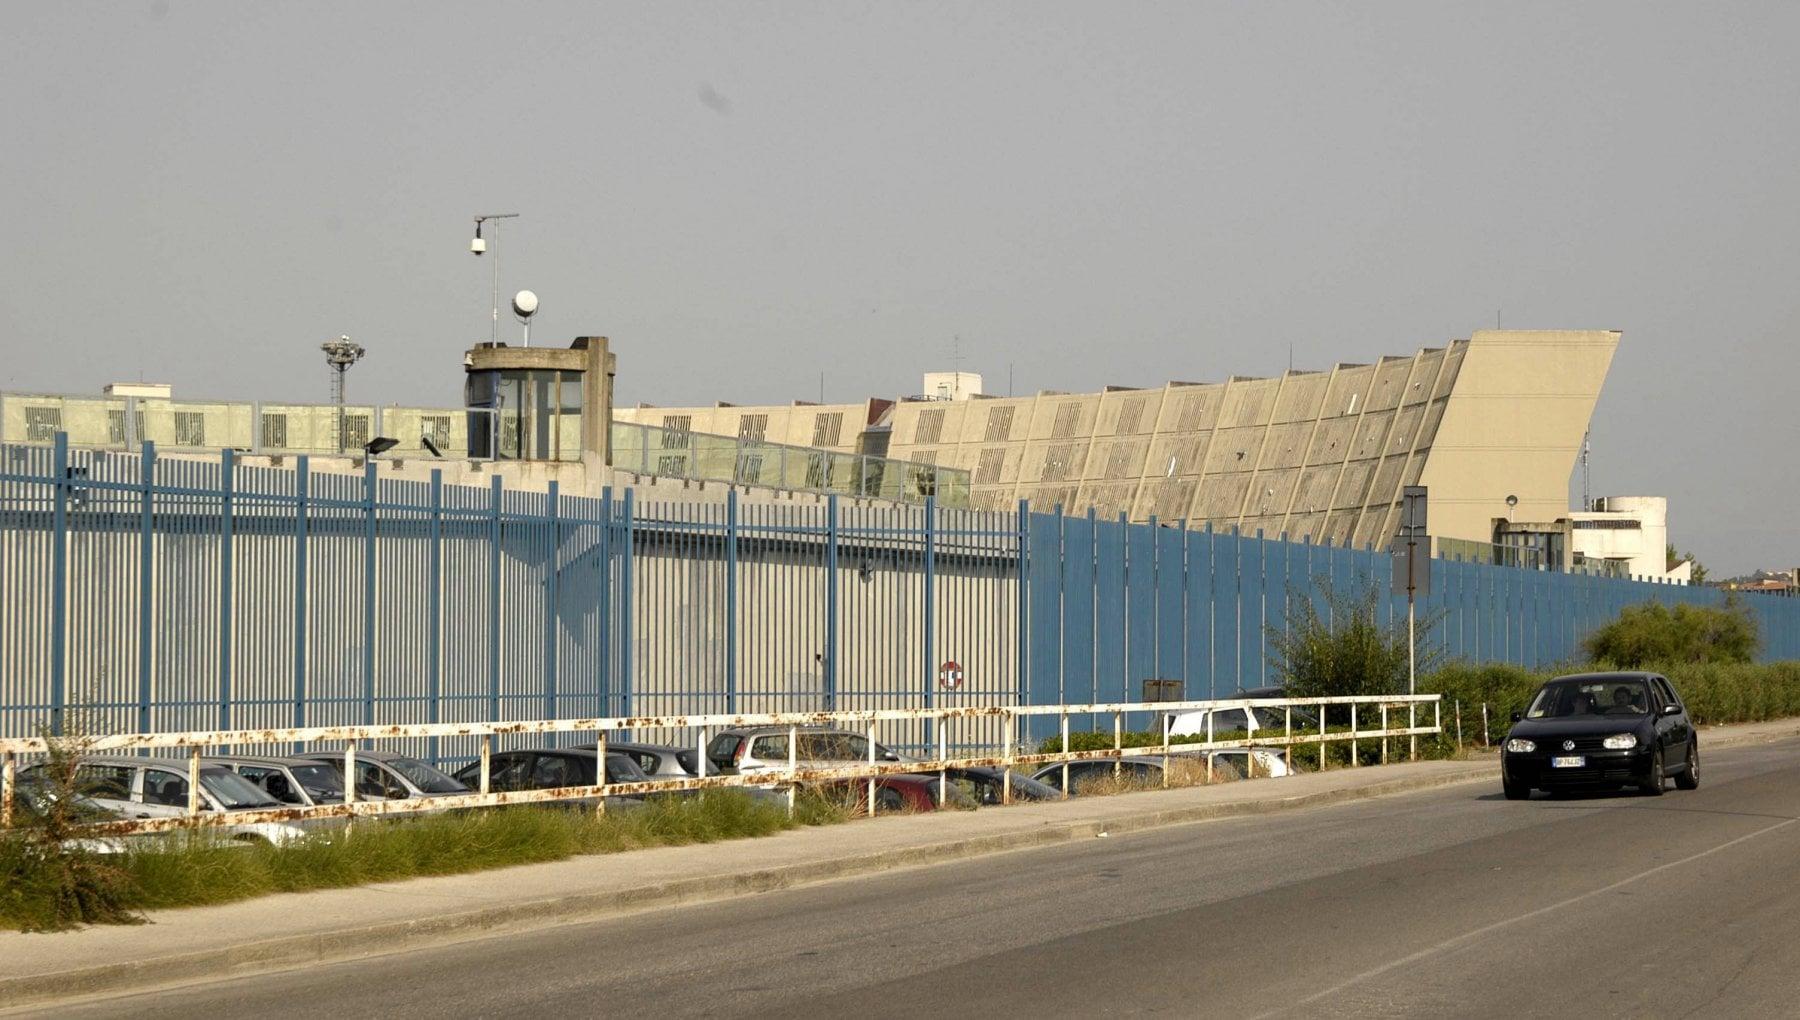 151949270 5ea52e0a f3de 42e9 b657 250679203509 - Firenze, due detenuti a Sollicciano tentano di dar fuoco a un agente penitenziario